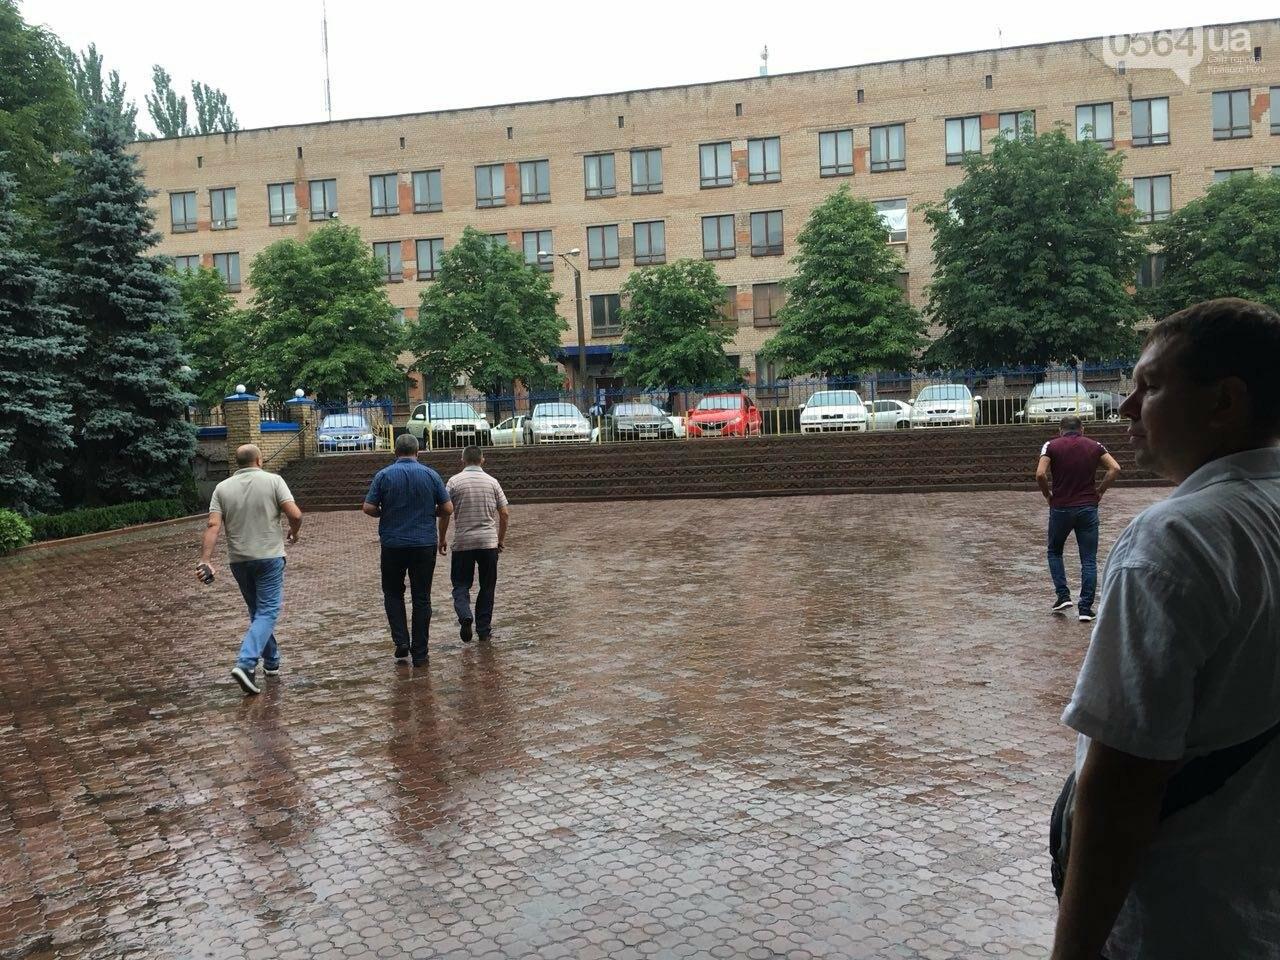 В Кривом Роге представители азербайджанской диаспоры требуют расследования нападений на их дома, - ФОТО , фото-9